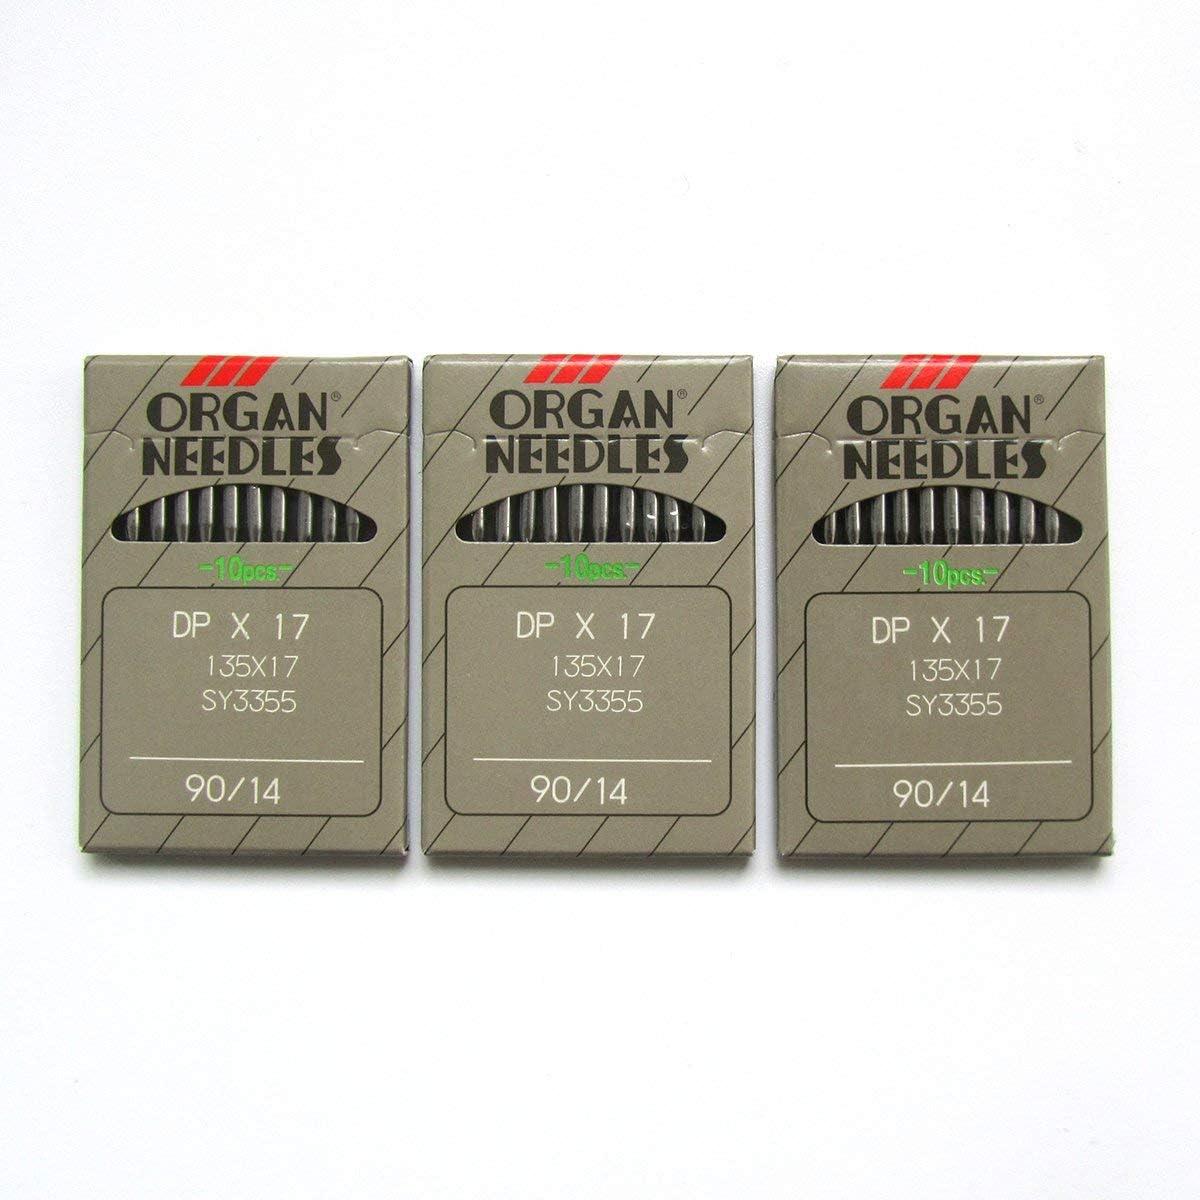 Organ Needle DPX17 - Agujas para máquina de coser (30 unidades, 135 x 17 cm)